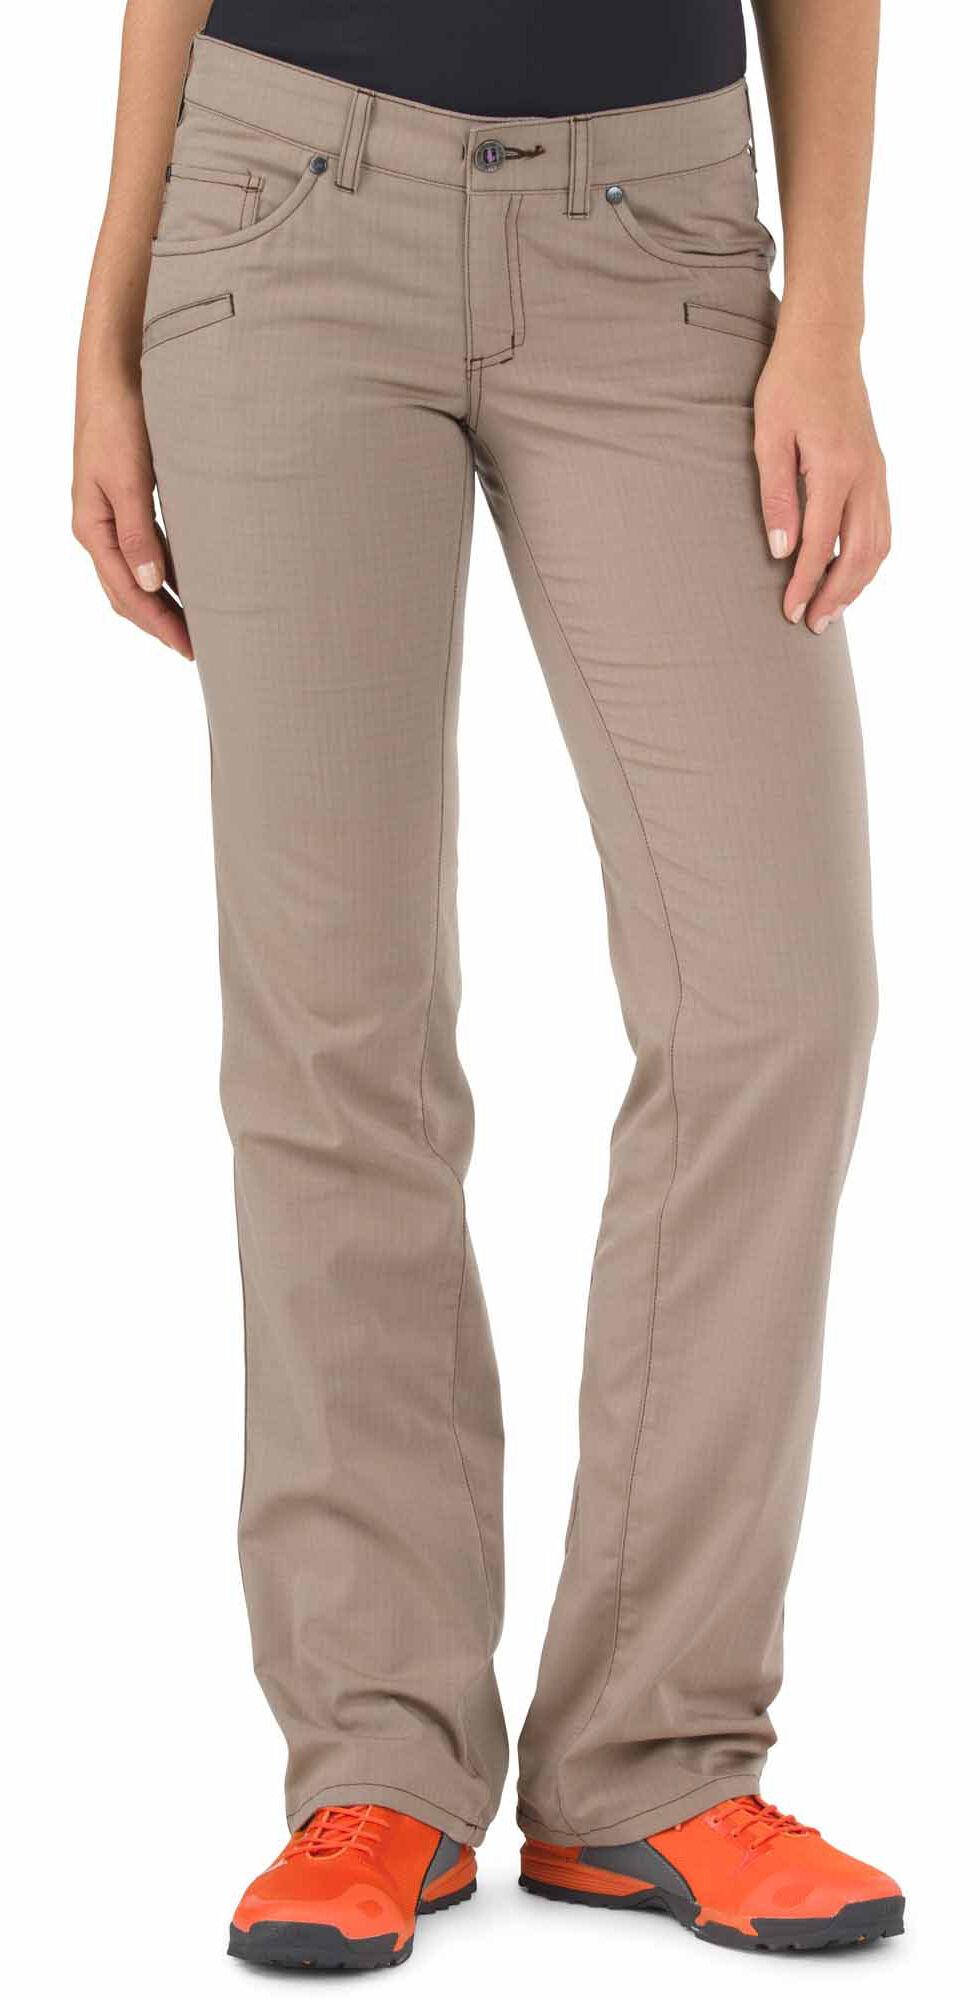 5.11 Tactical Women's Cirrus Pant, Stone, hi-res